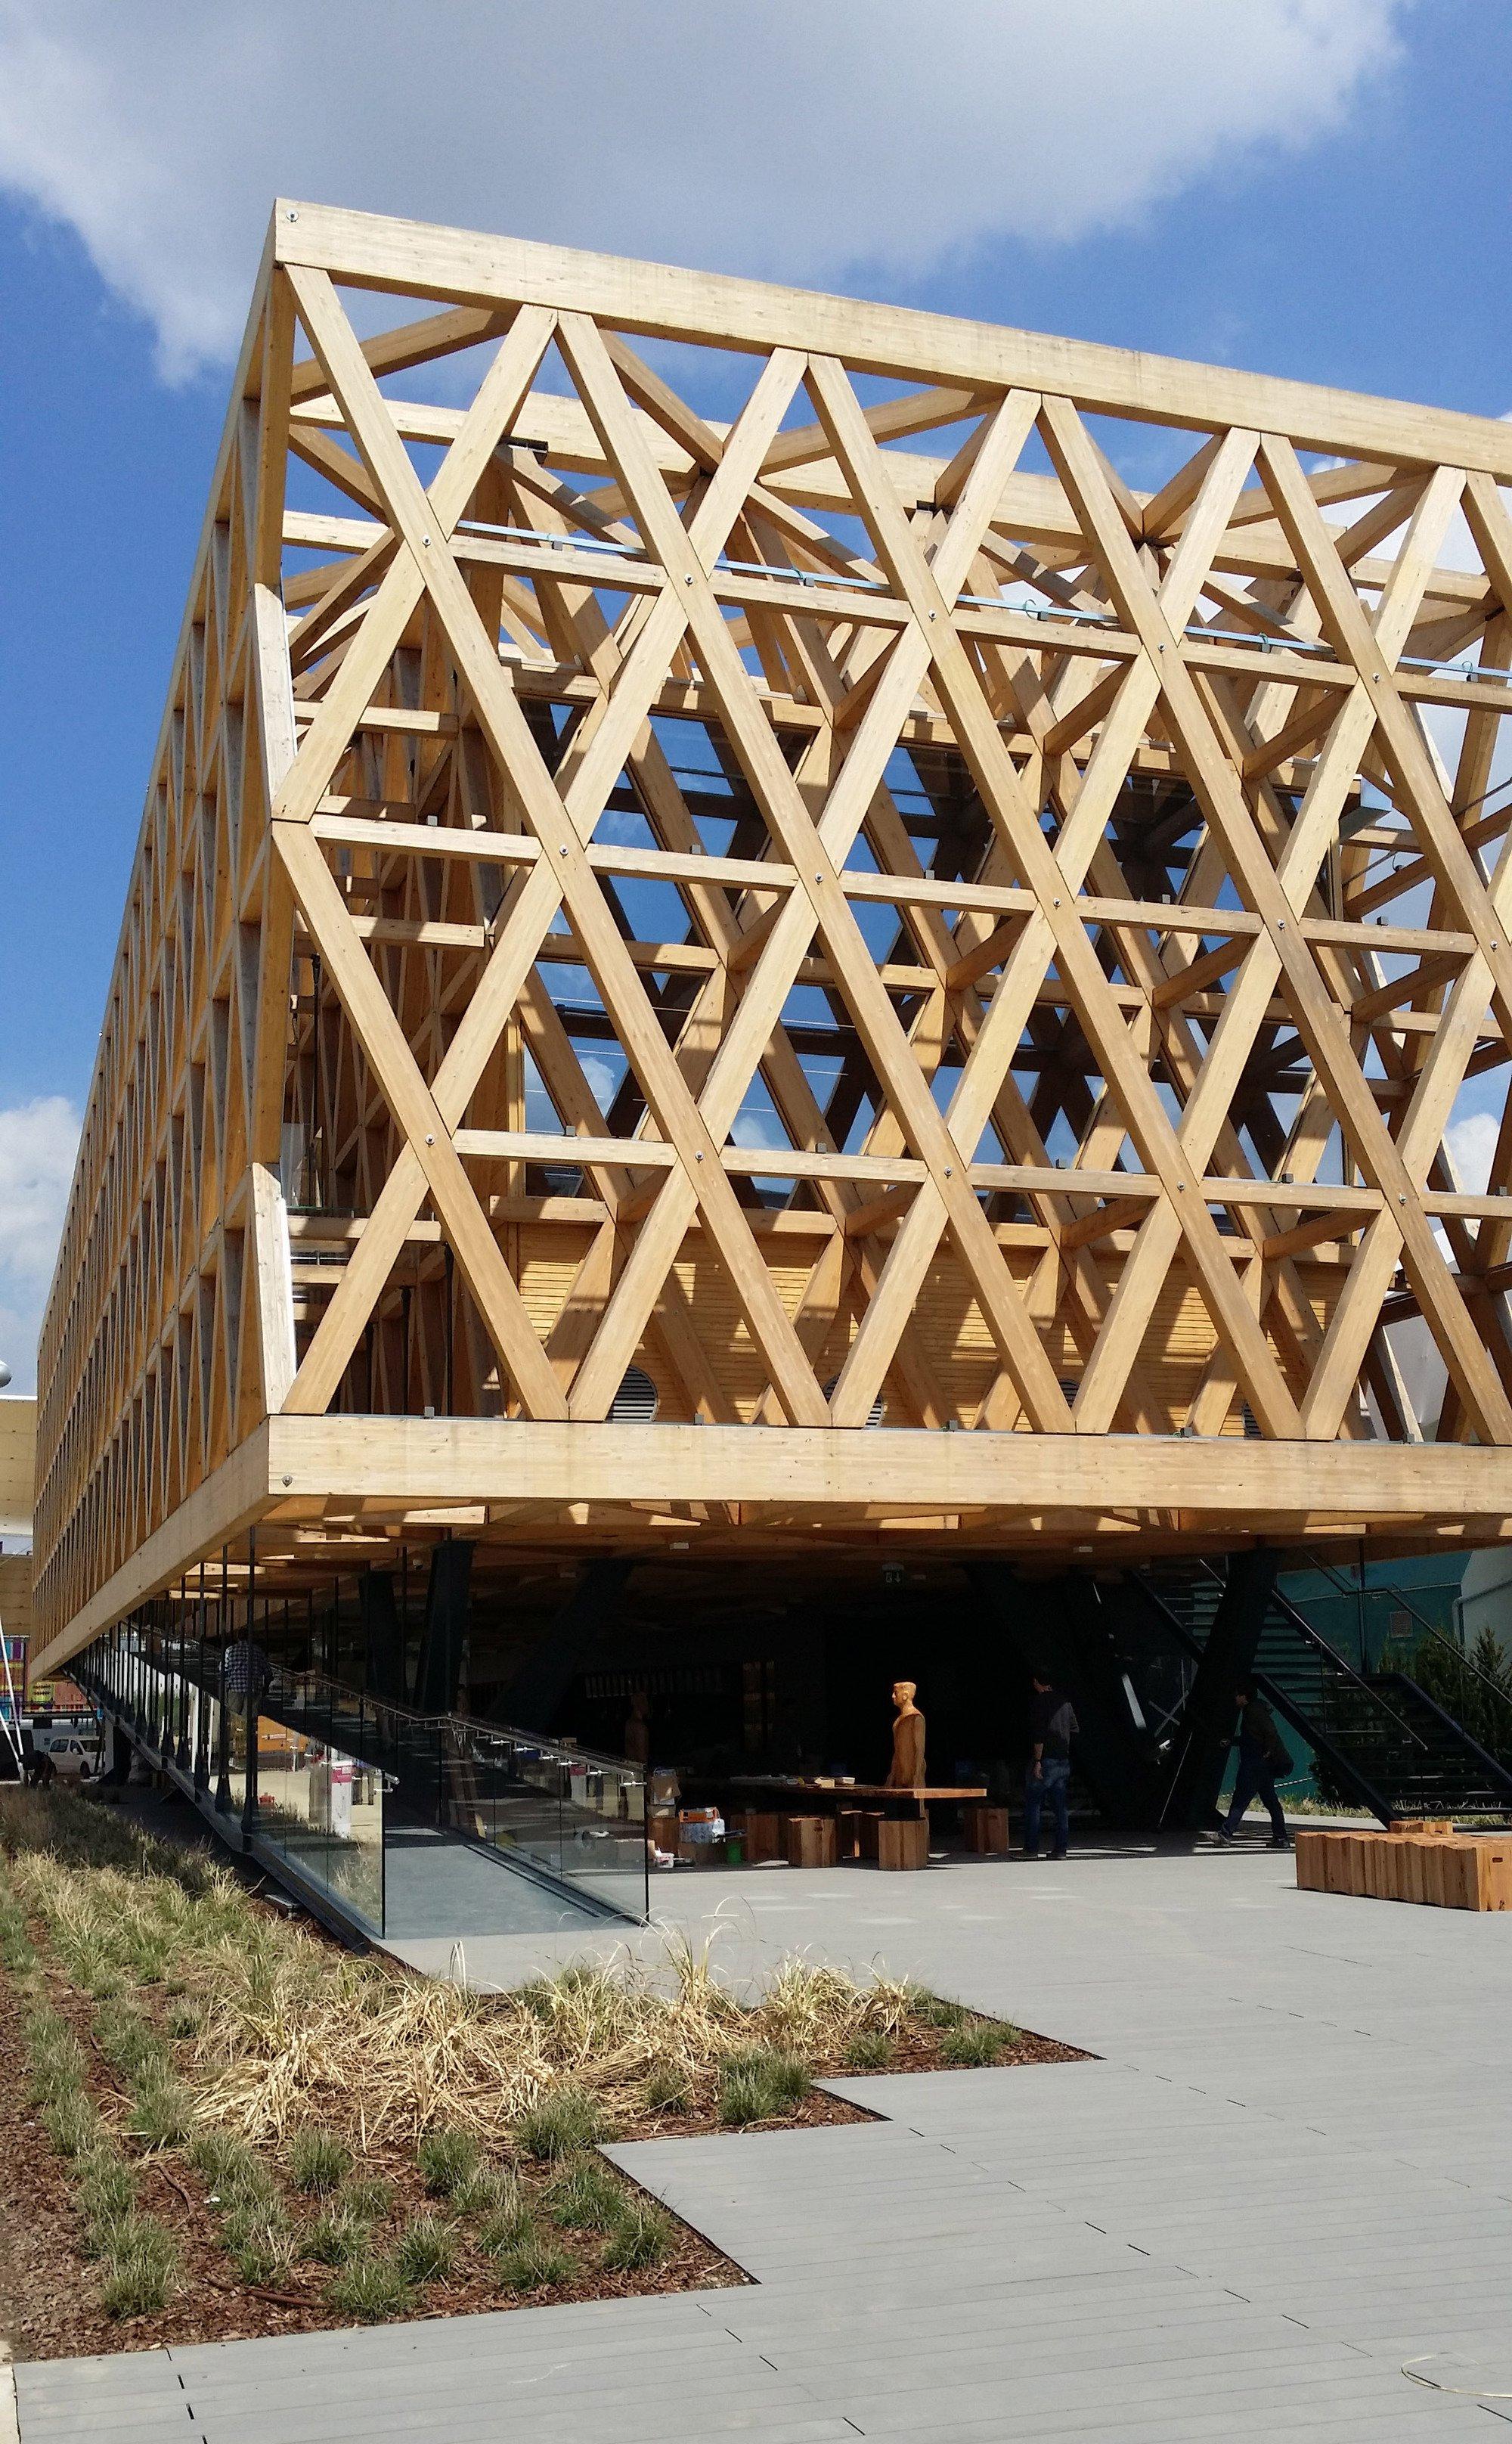 Pabellon de chile expo milan 2015 cortesia cristian for Plataforma arquitectura